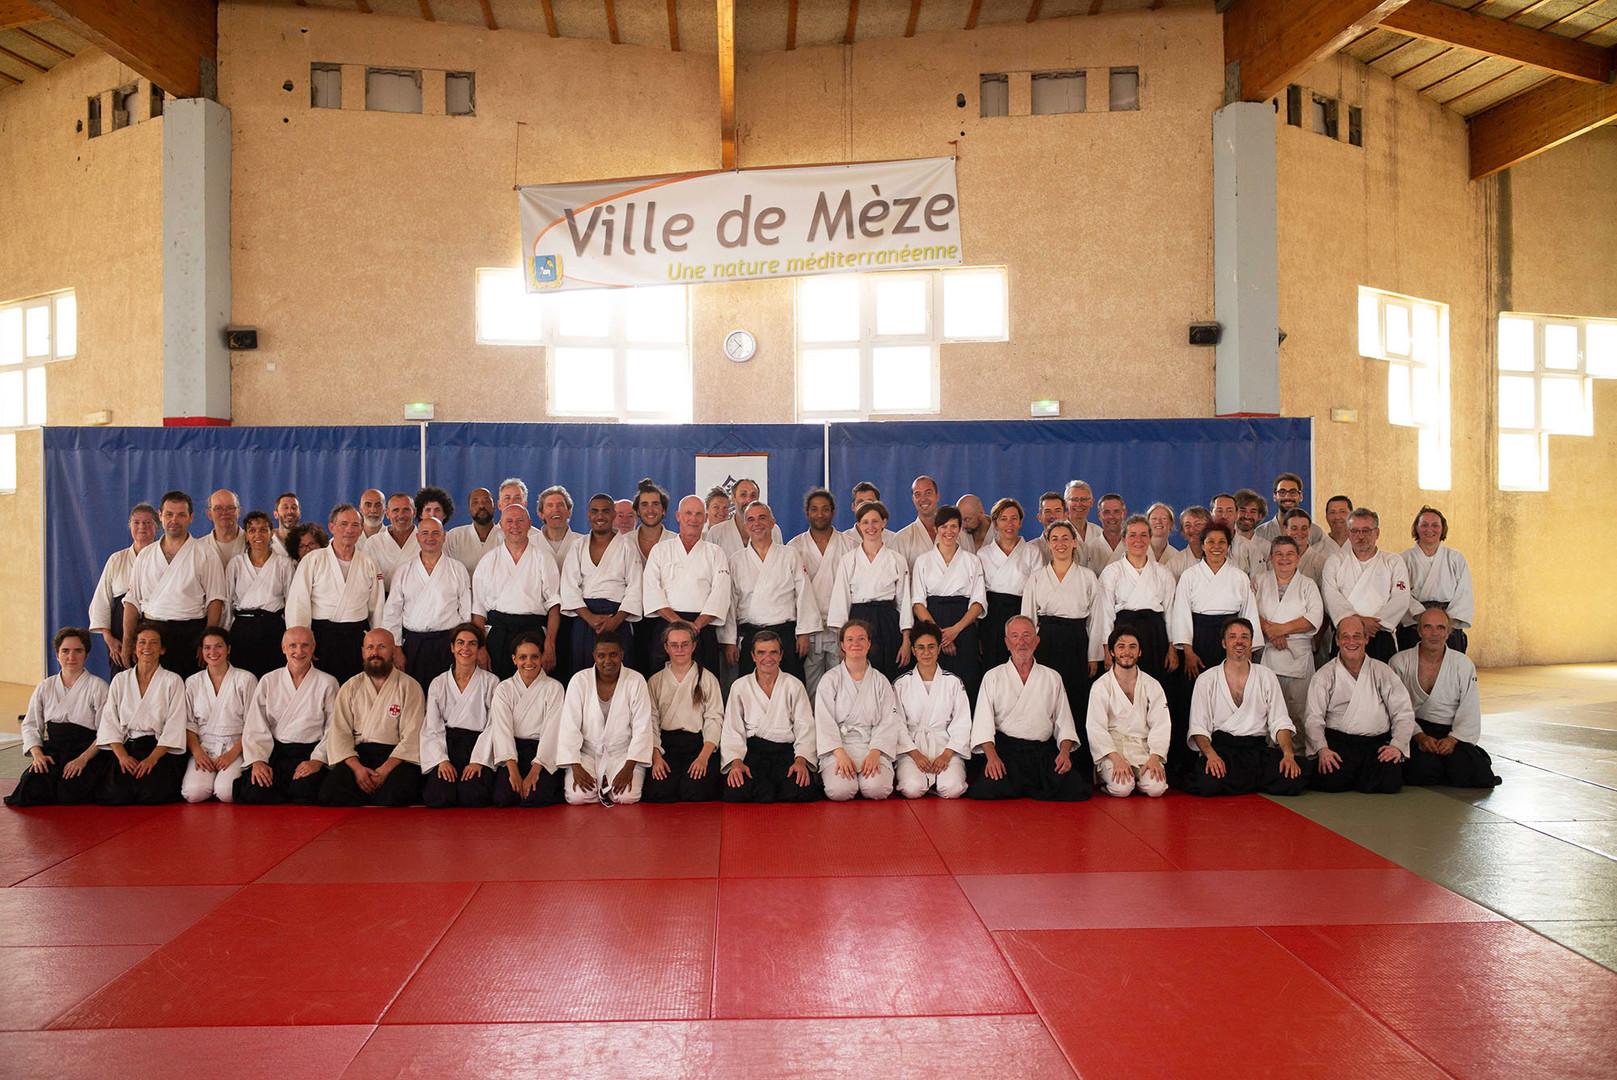 Pratiquants aïkido ville de mèze, Institut Français d'Aïkido